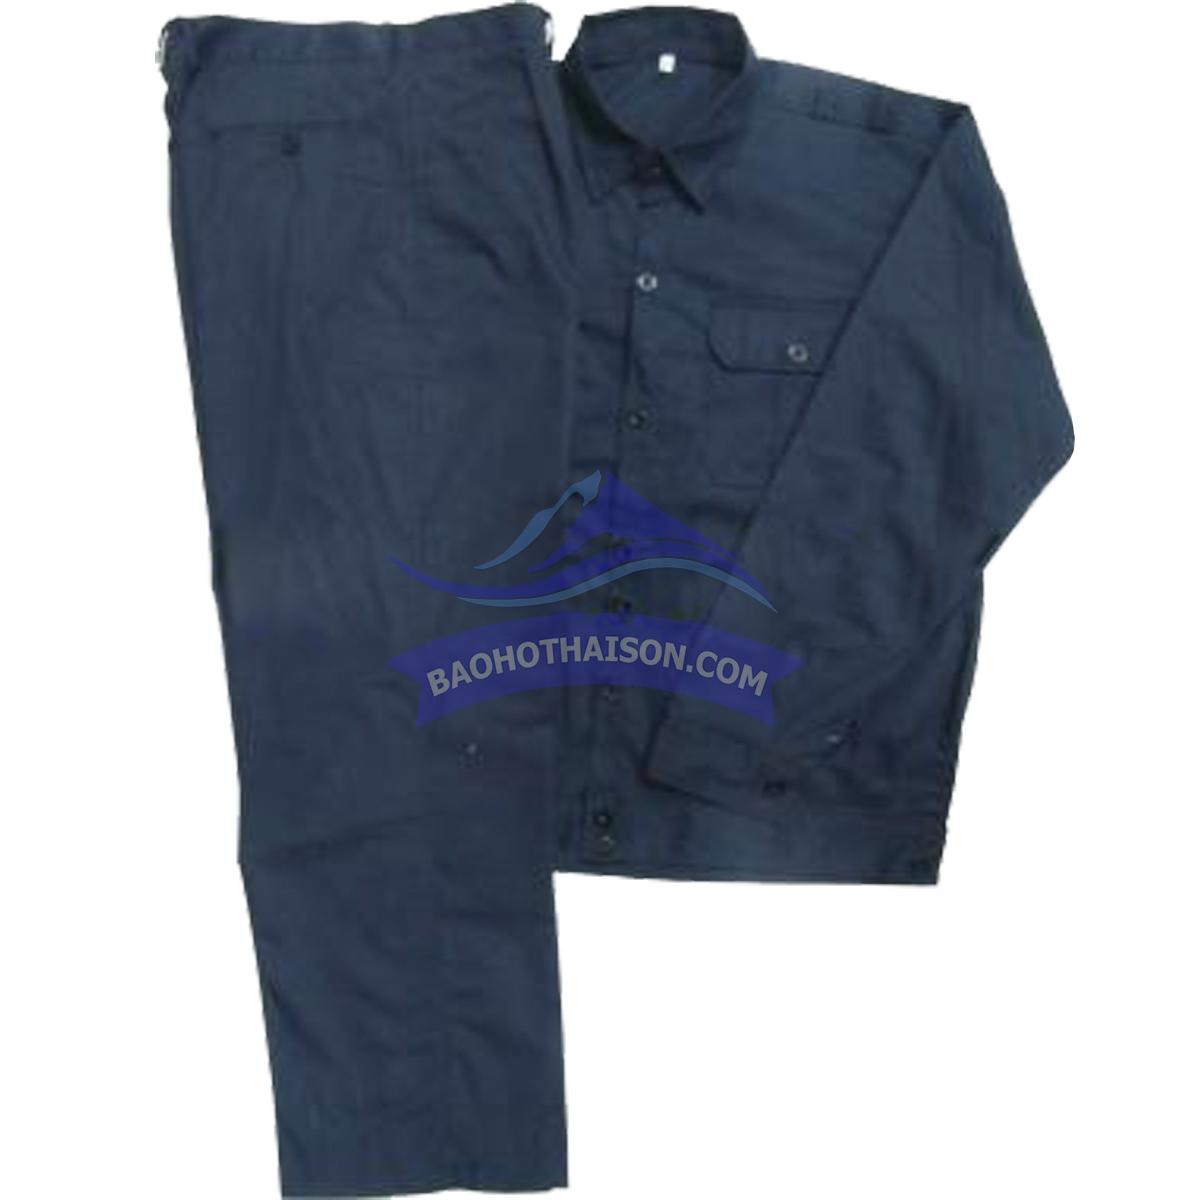 Quần áo bảo hộ lao động màu xanh đen